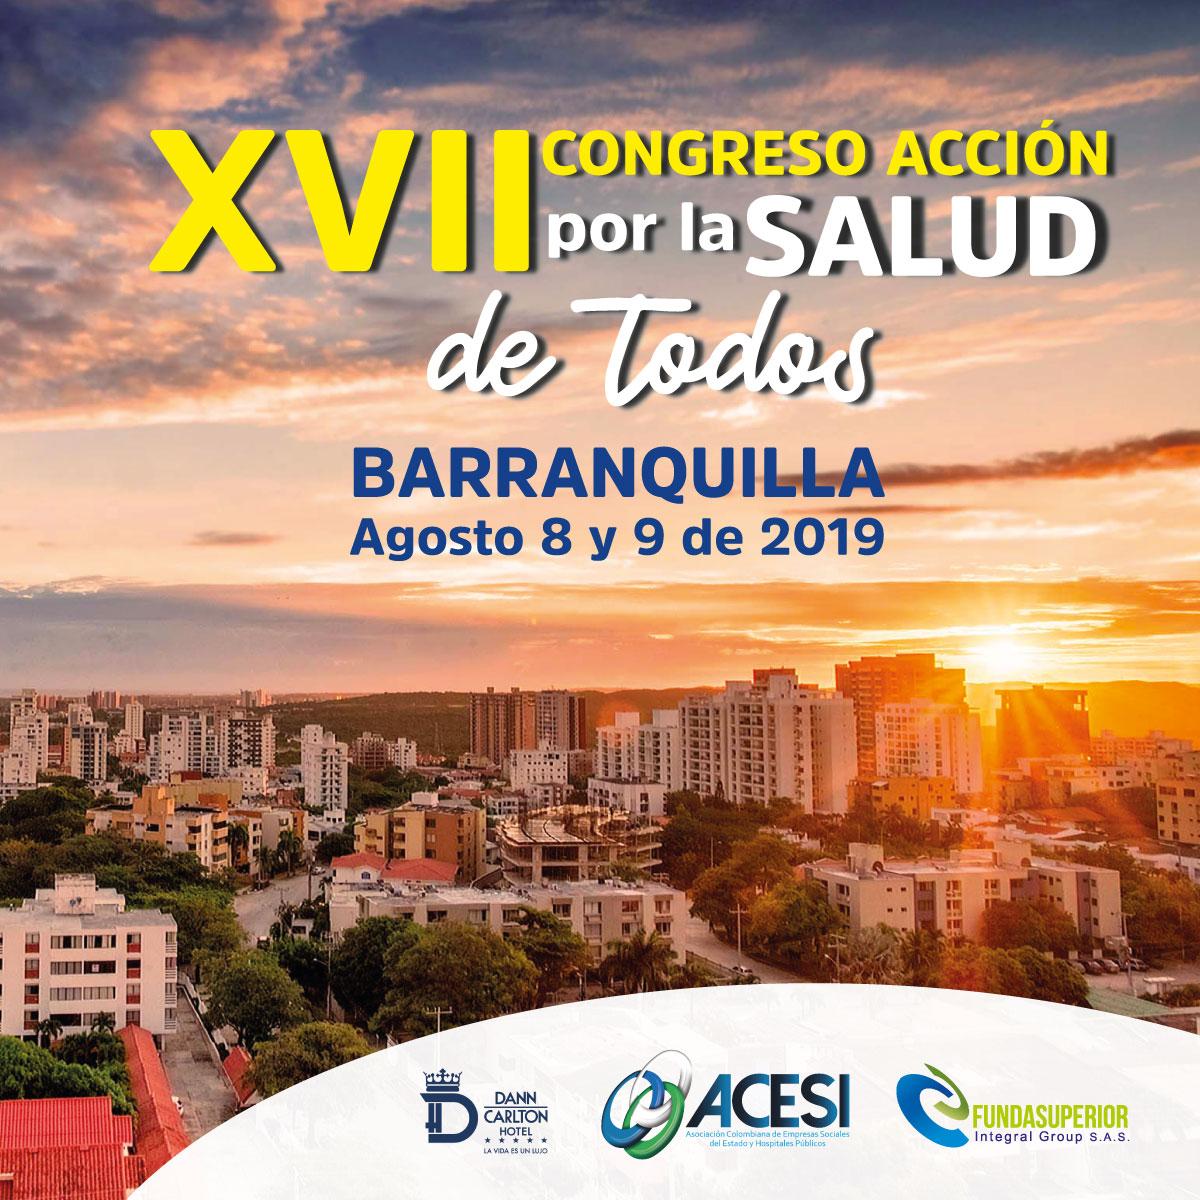 Plana mayor de la salud en Colombia, confirmada para el XVII Congreso Nacional de Hospitales Públicos